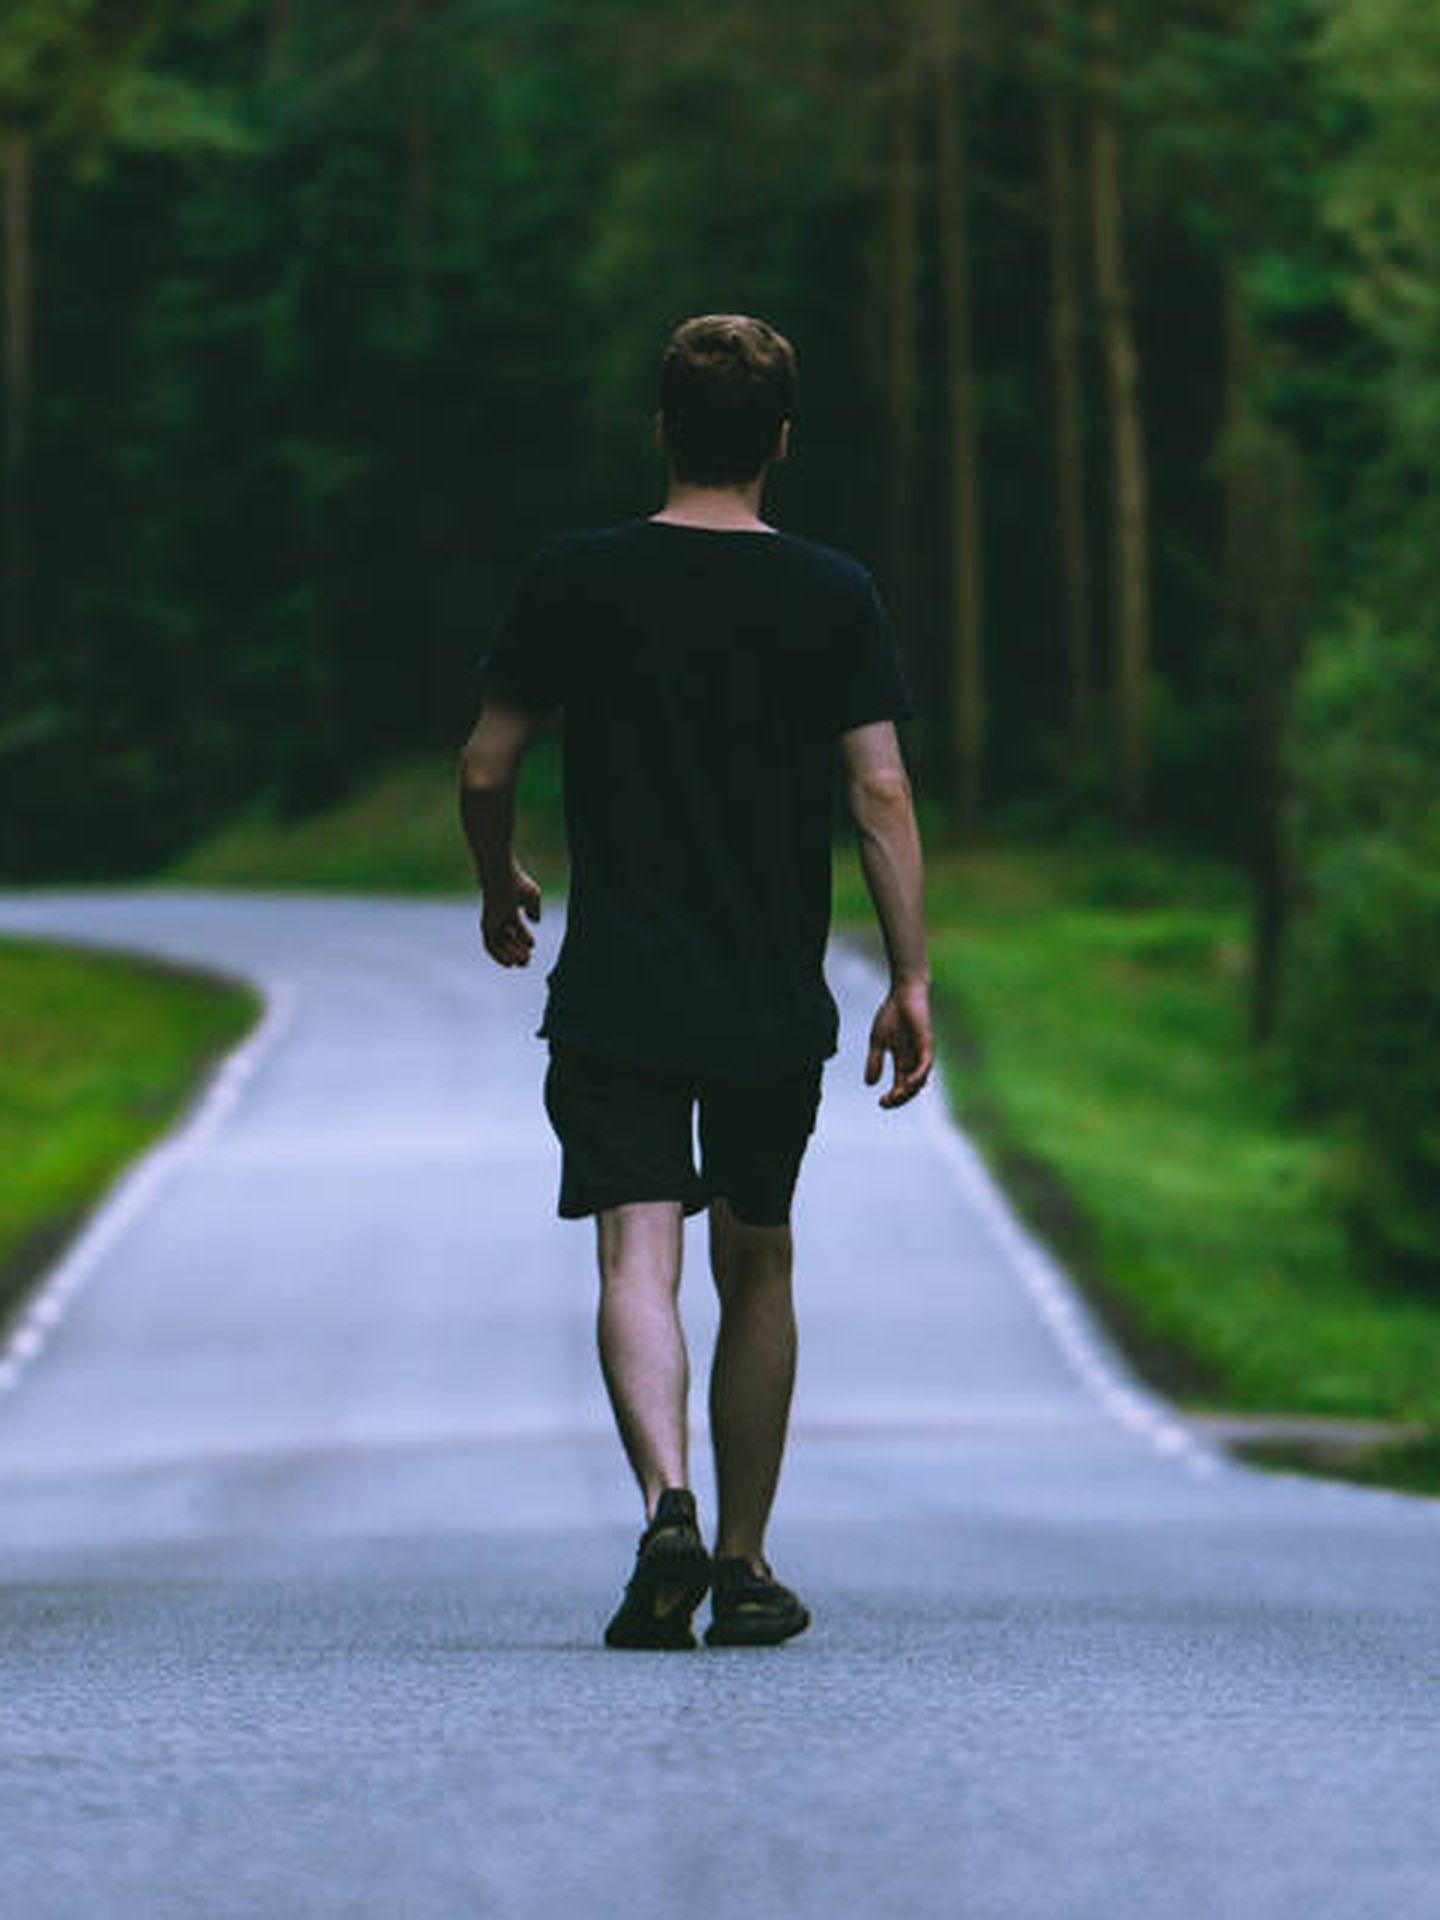 Caminar a diario es una de las mejores formas de adelgazar (Magne para Unsplash)